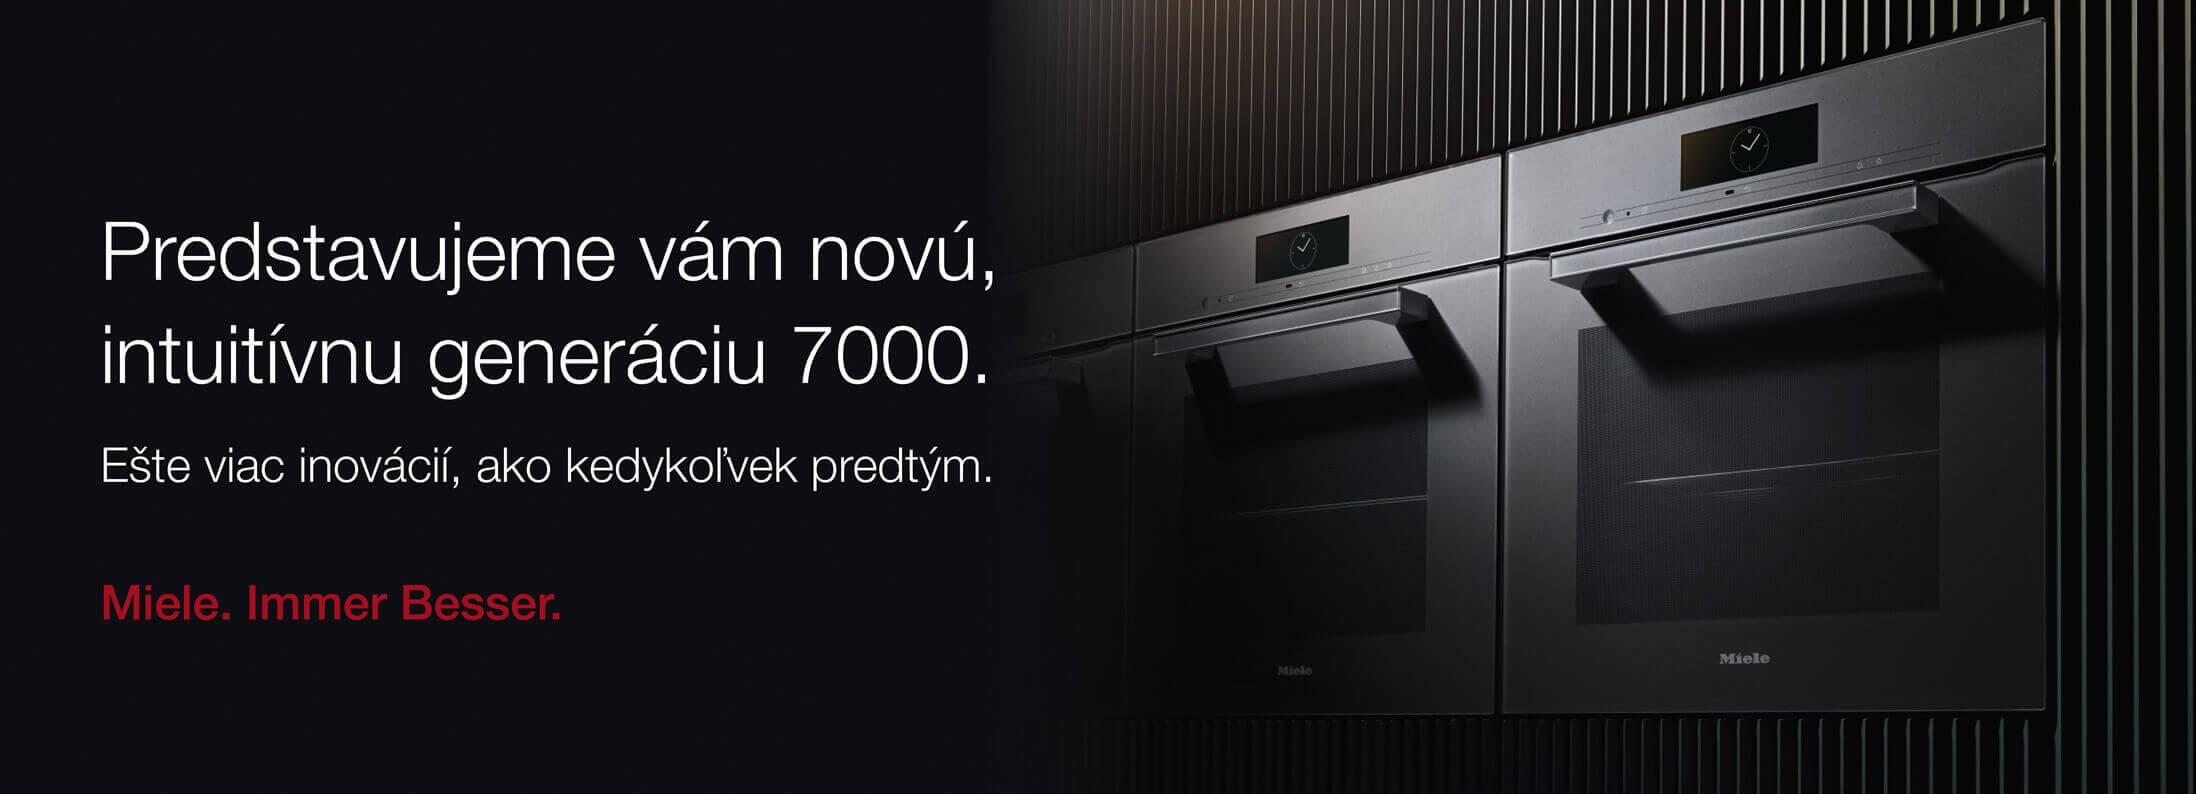 Miele - Nová intuitivna generácia 7000